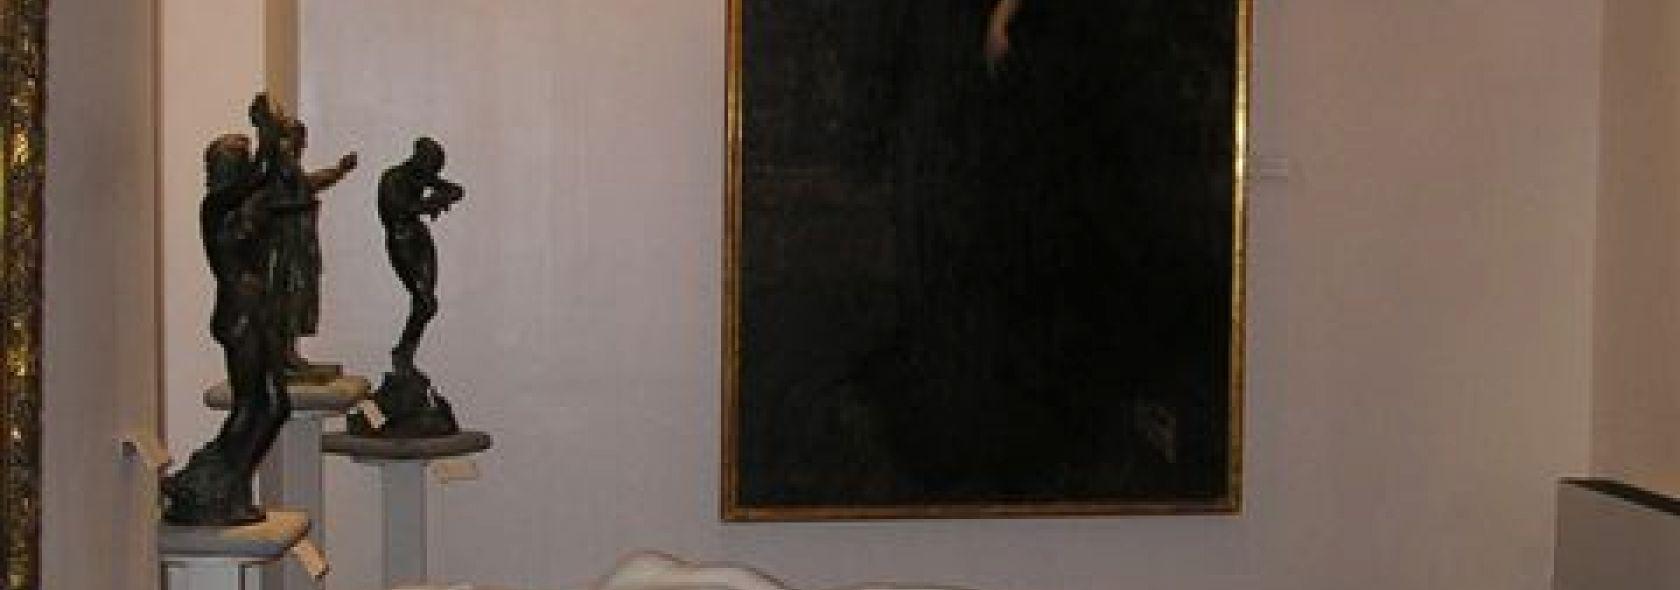 Raccolte Frugone, sala degli artisti piemontesi - Villa Grimaldi Fassio